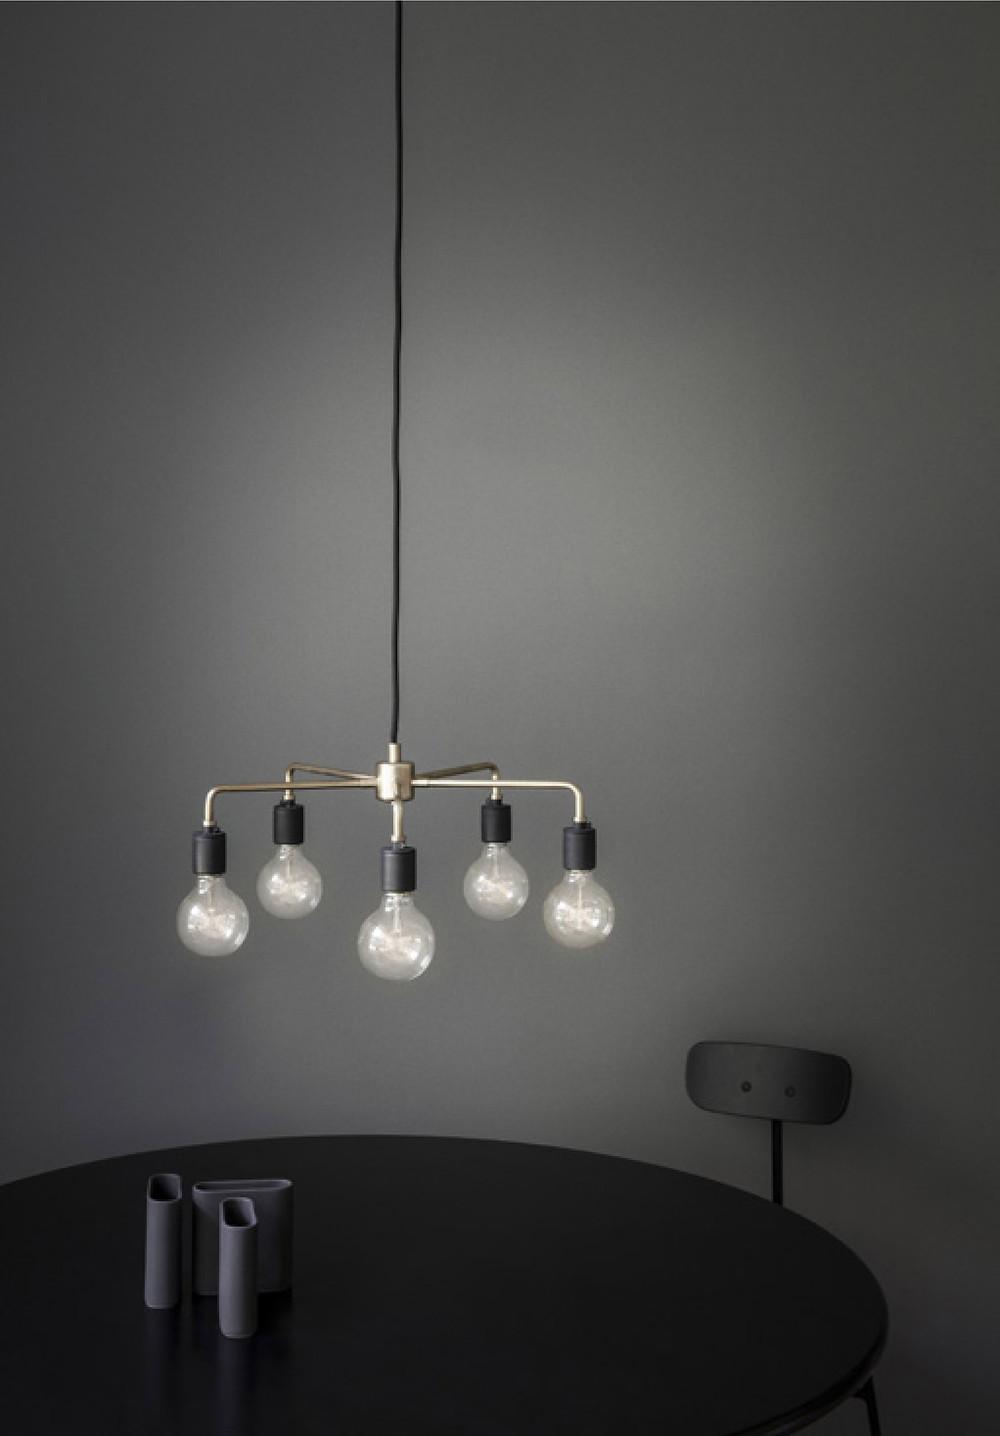 lamp tribeca series_Menu 2014